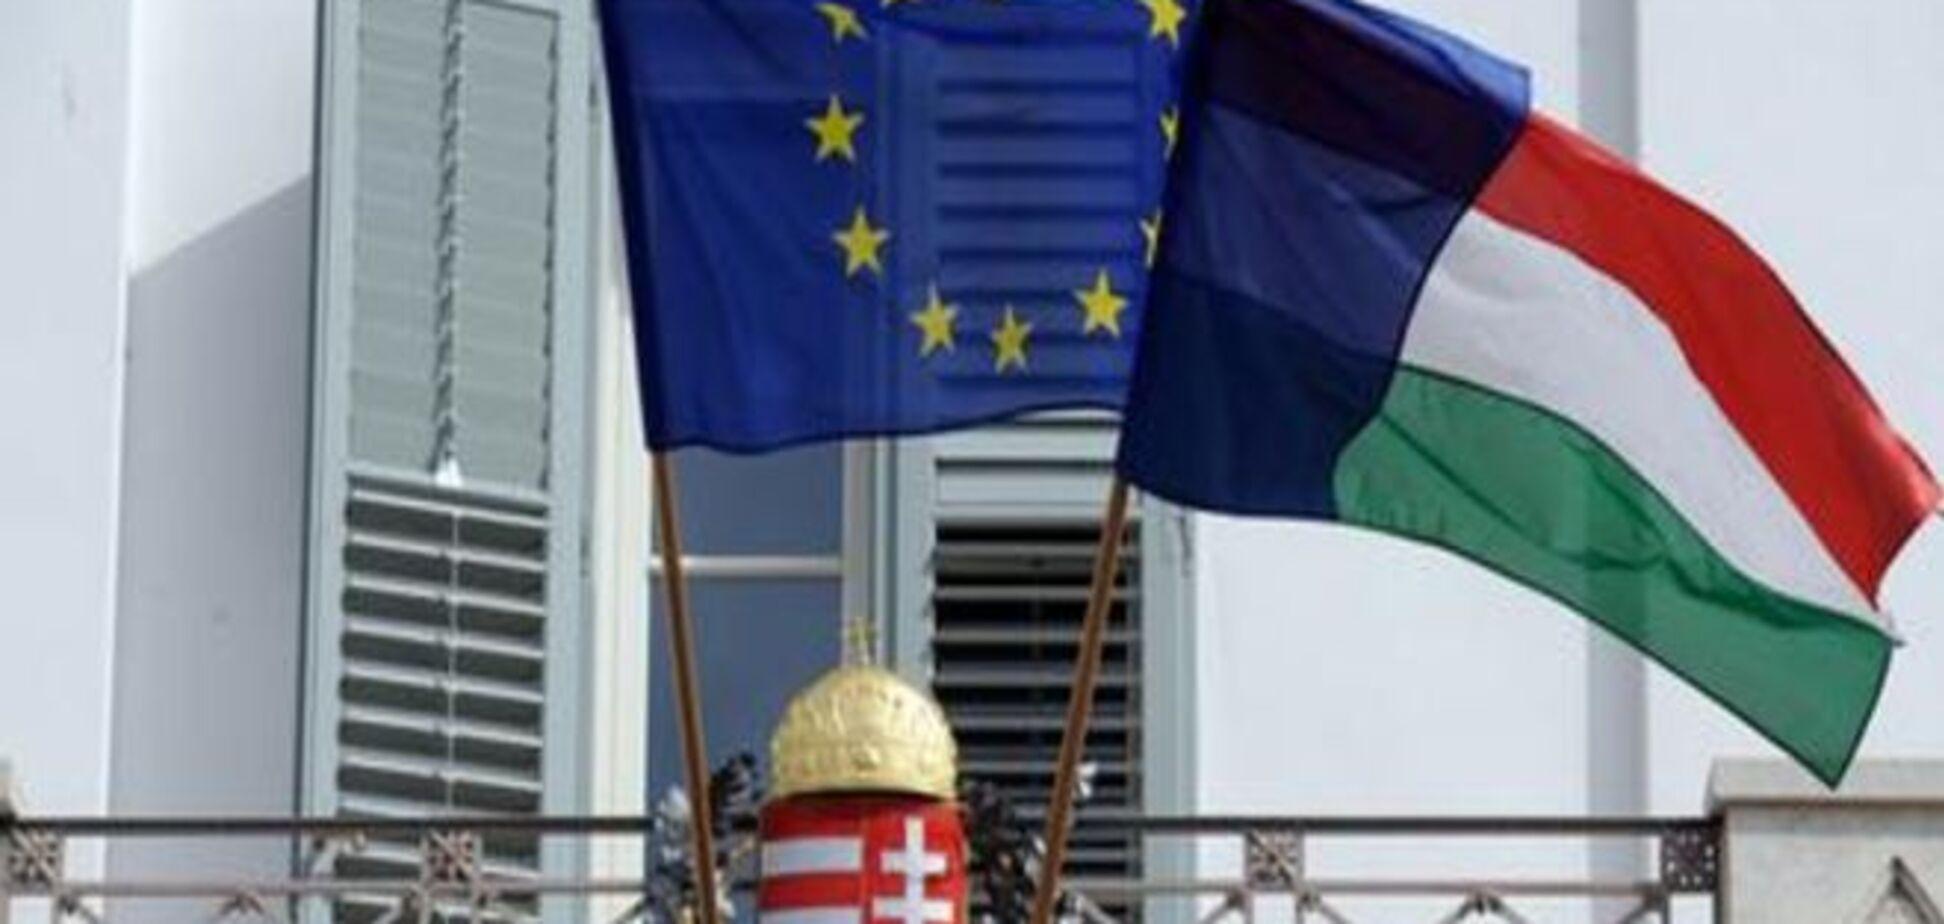 МЗС Угорщини стежить за розвитком подій навколо Мукачевого